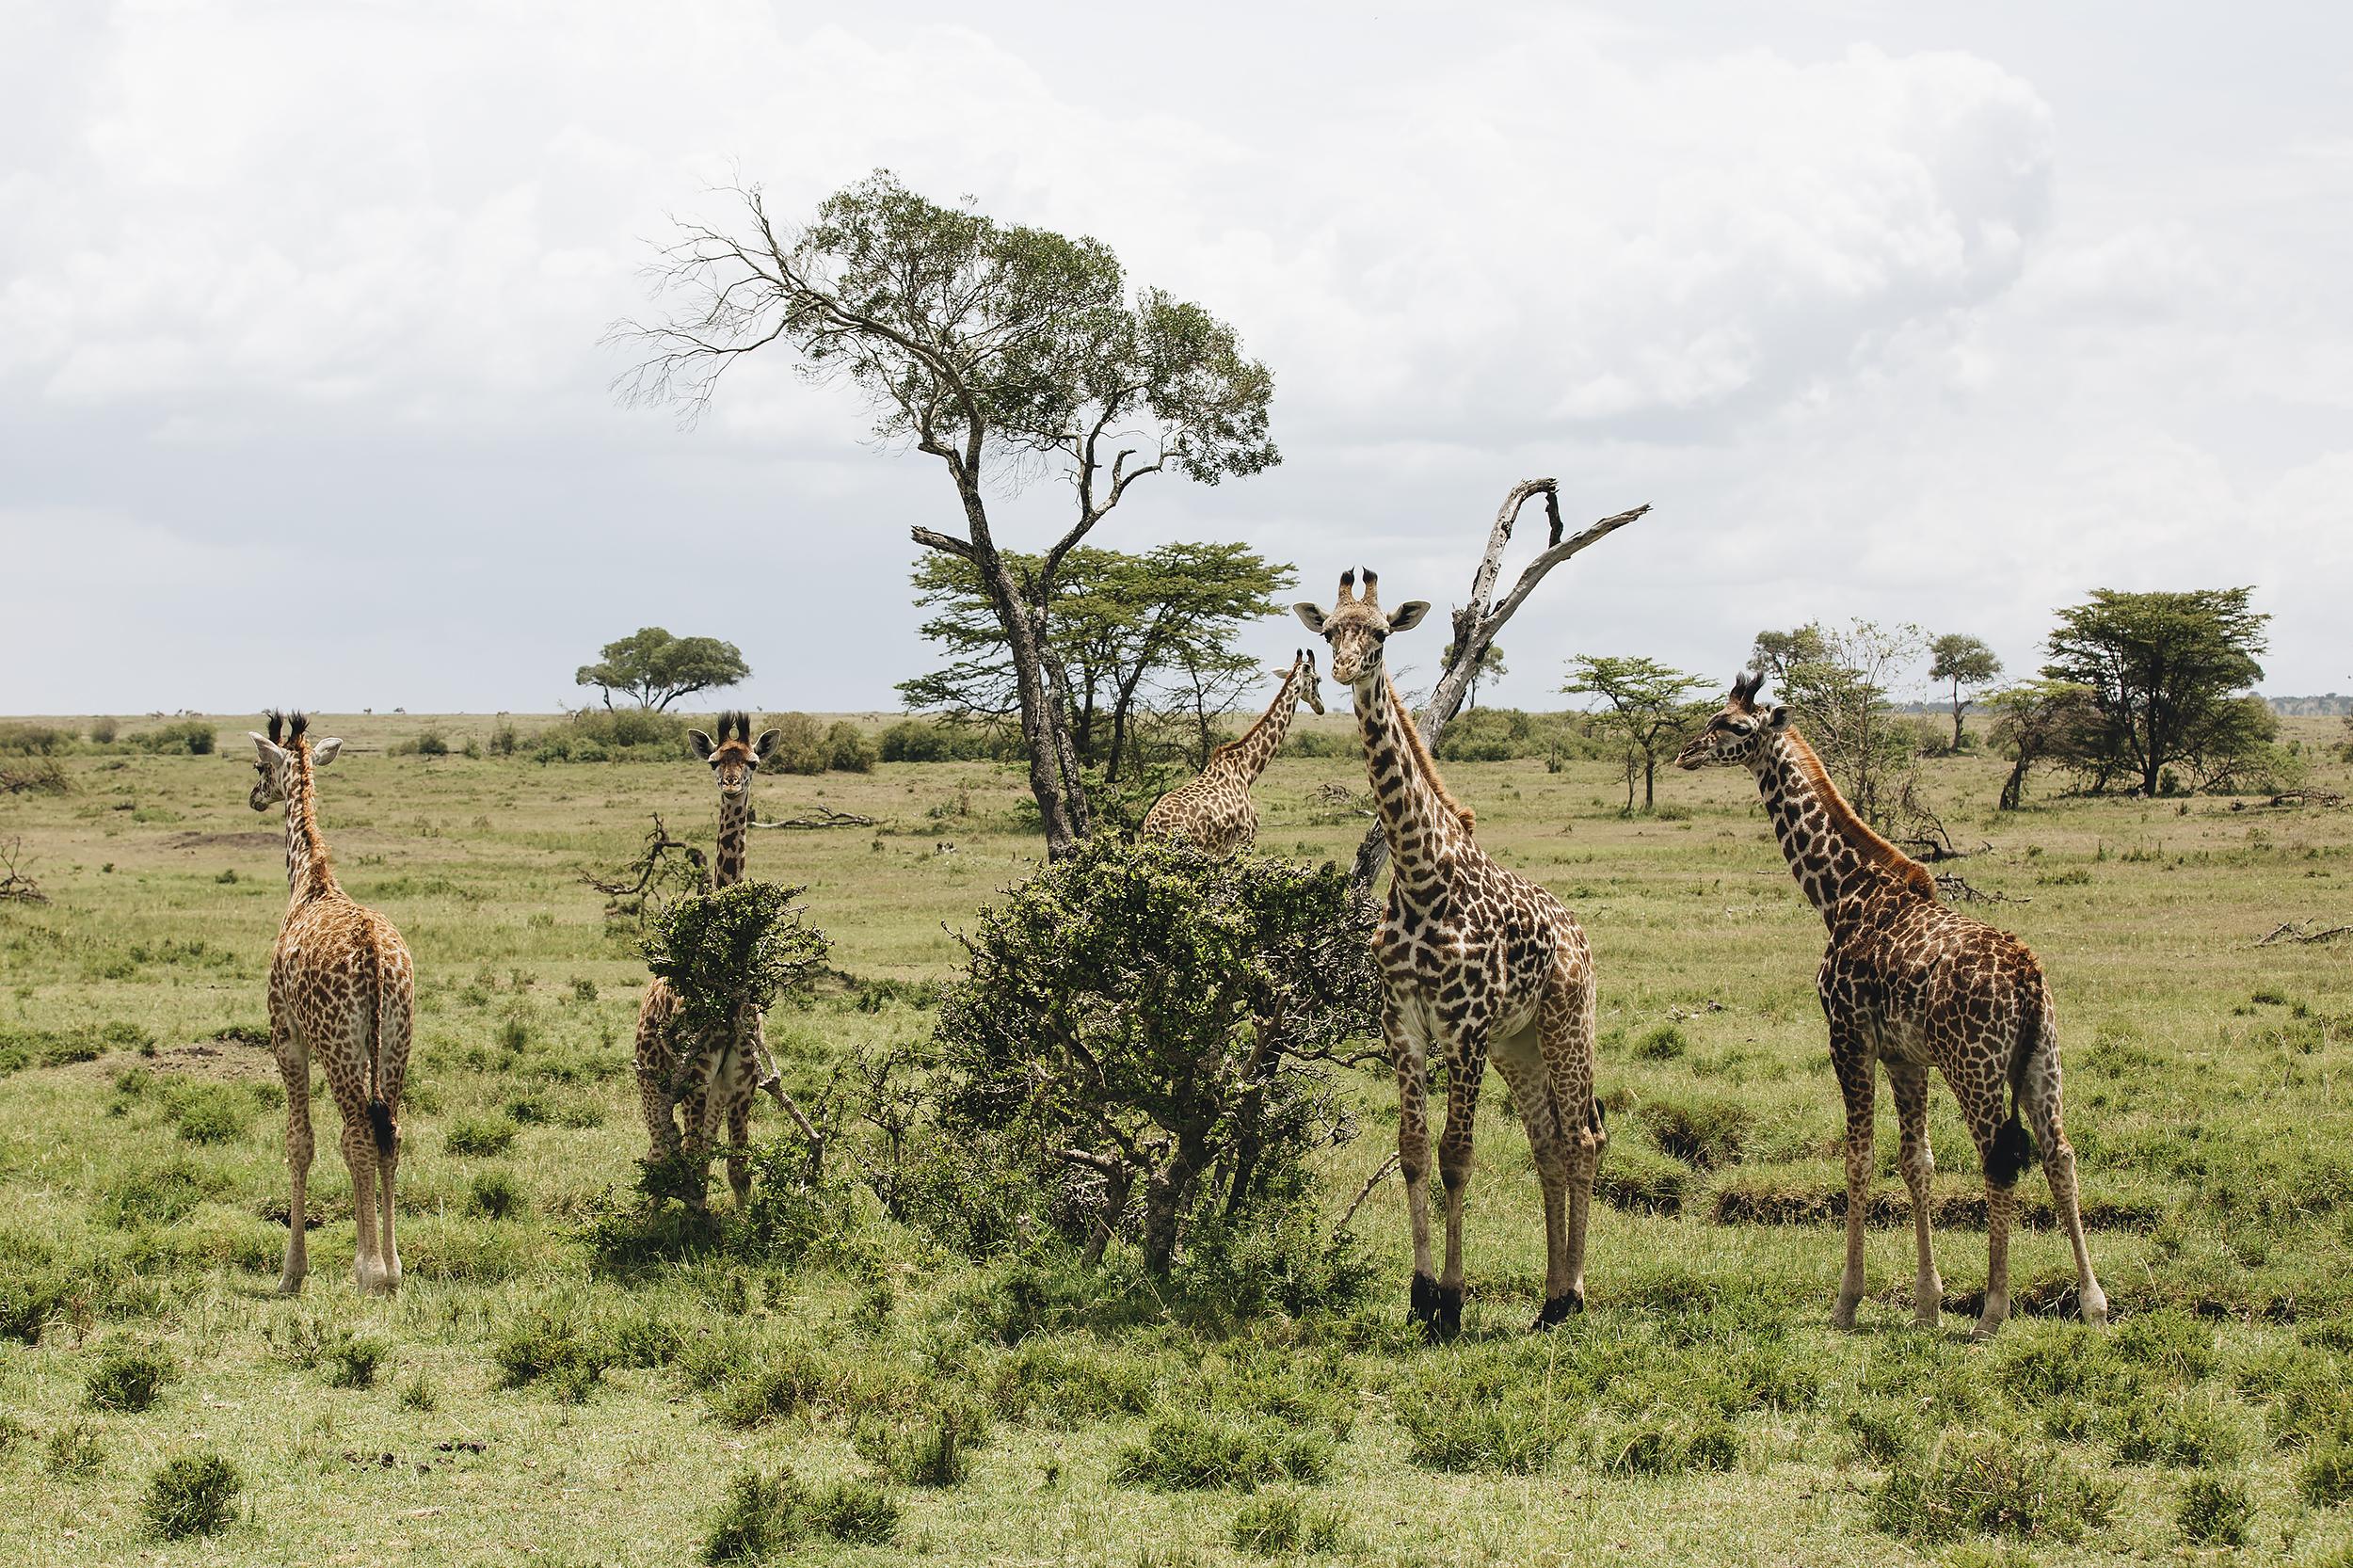 Baby Giraffes Grazing